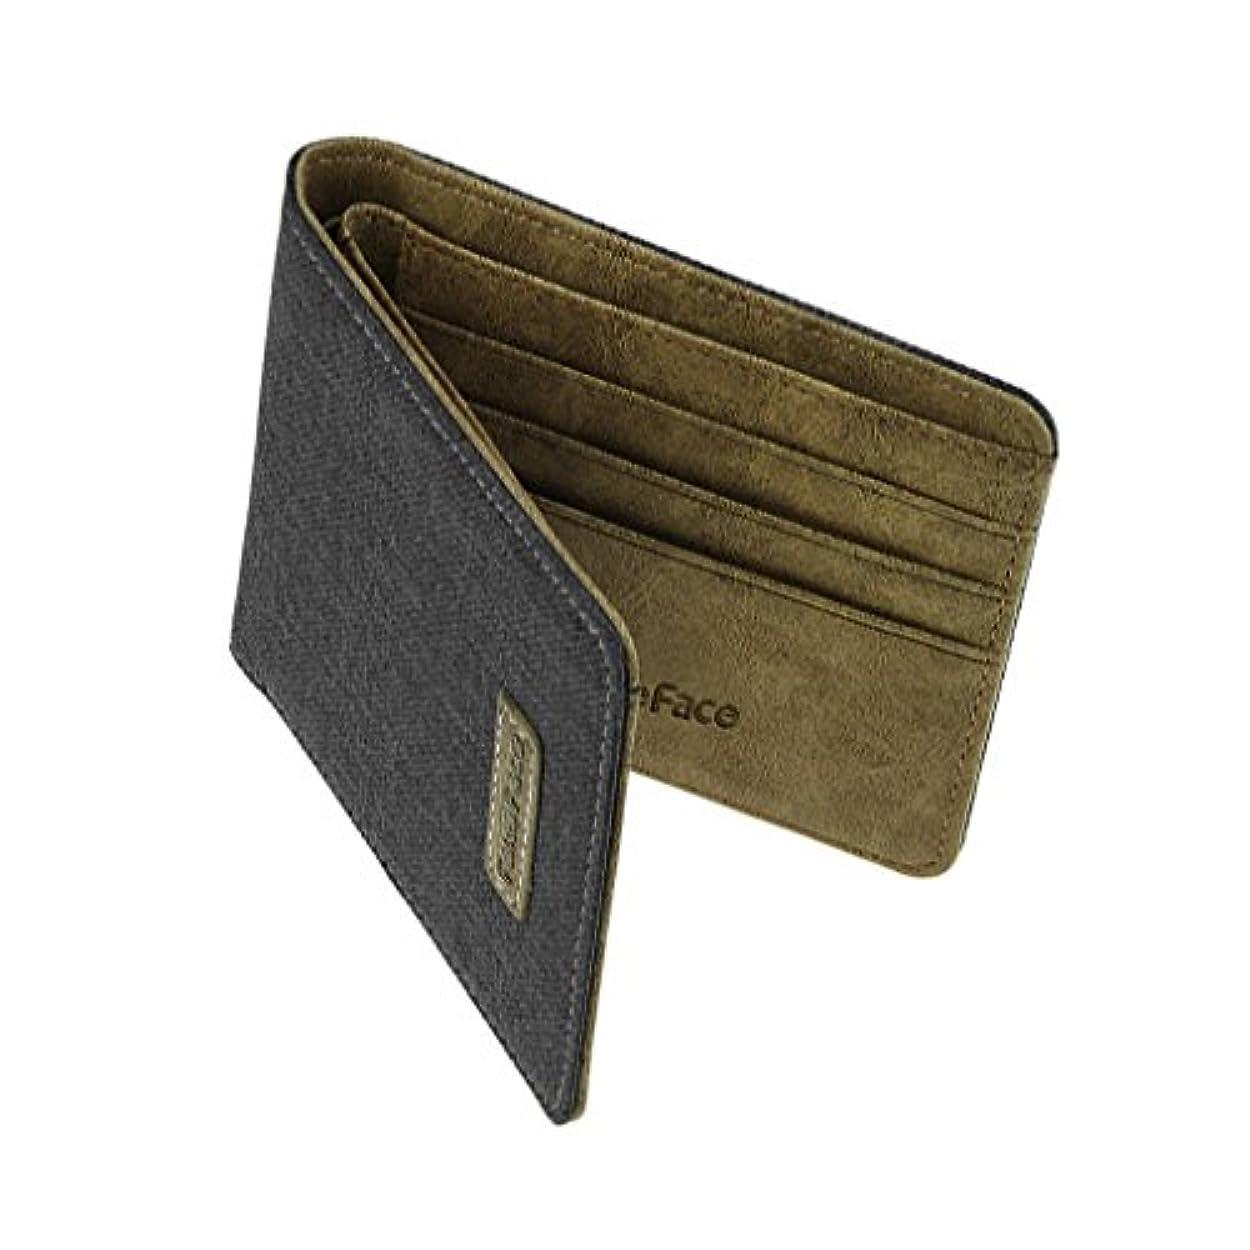 改修引用アルバニー短財布二つ折り メンズパースシンプル ビジネスマン用ウォレット フォマール財布 学生からサラリーマンまで使える多機能立財布 超薄いさいふ 上品 カジュアル ショートウォレット 12*9.6*1.2cm ブラック